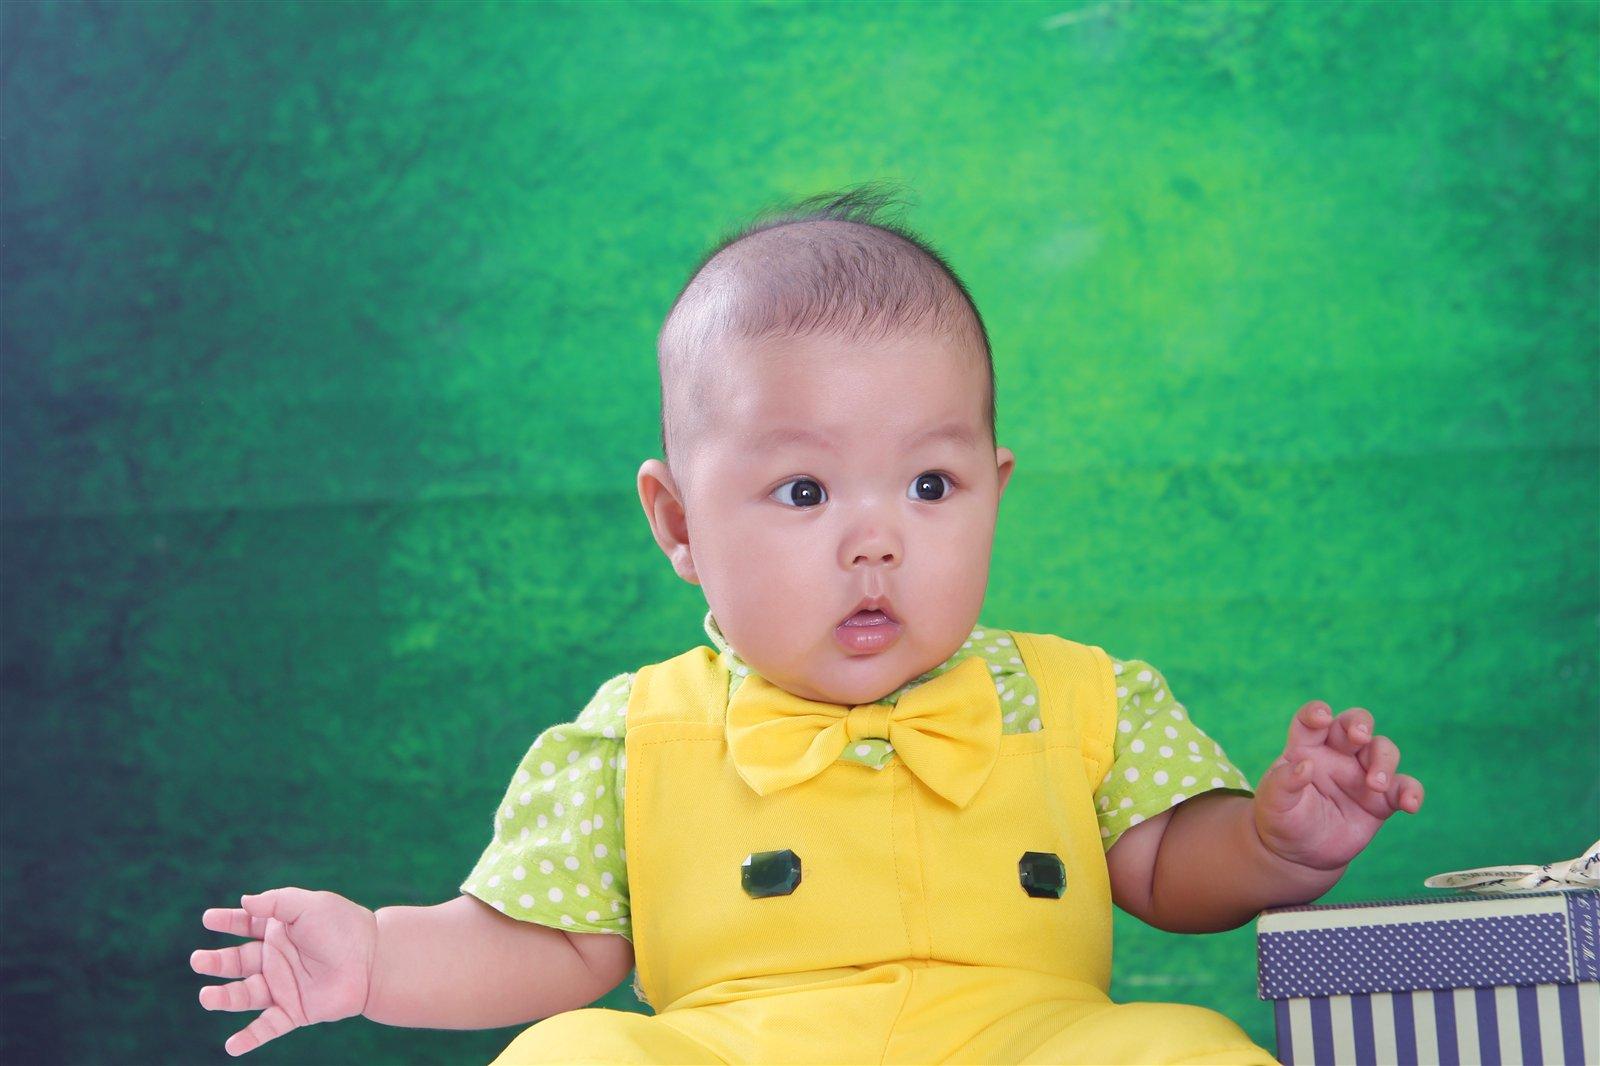 年龄:5个月 兴趣爱好:爱笑 家长寄语:希望铭宇成为一家人快乐的小宝贝